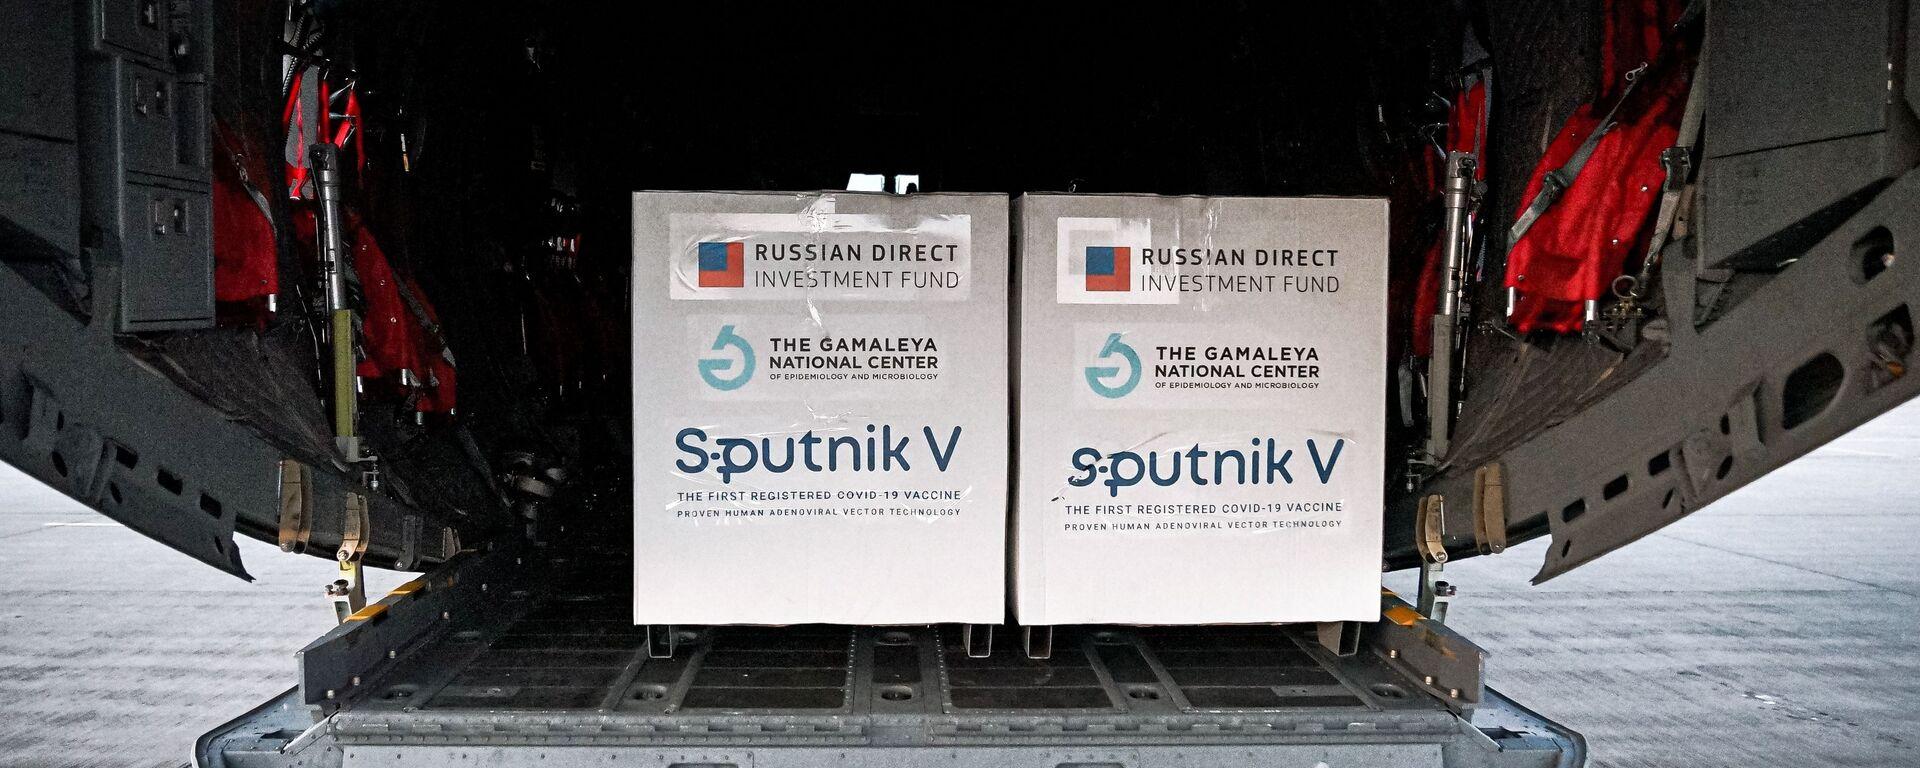 Dodávka ruské vakcíny Sputnik V na Slovensko - Sputnik Česká republika, 1920, 11.04.2021